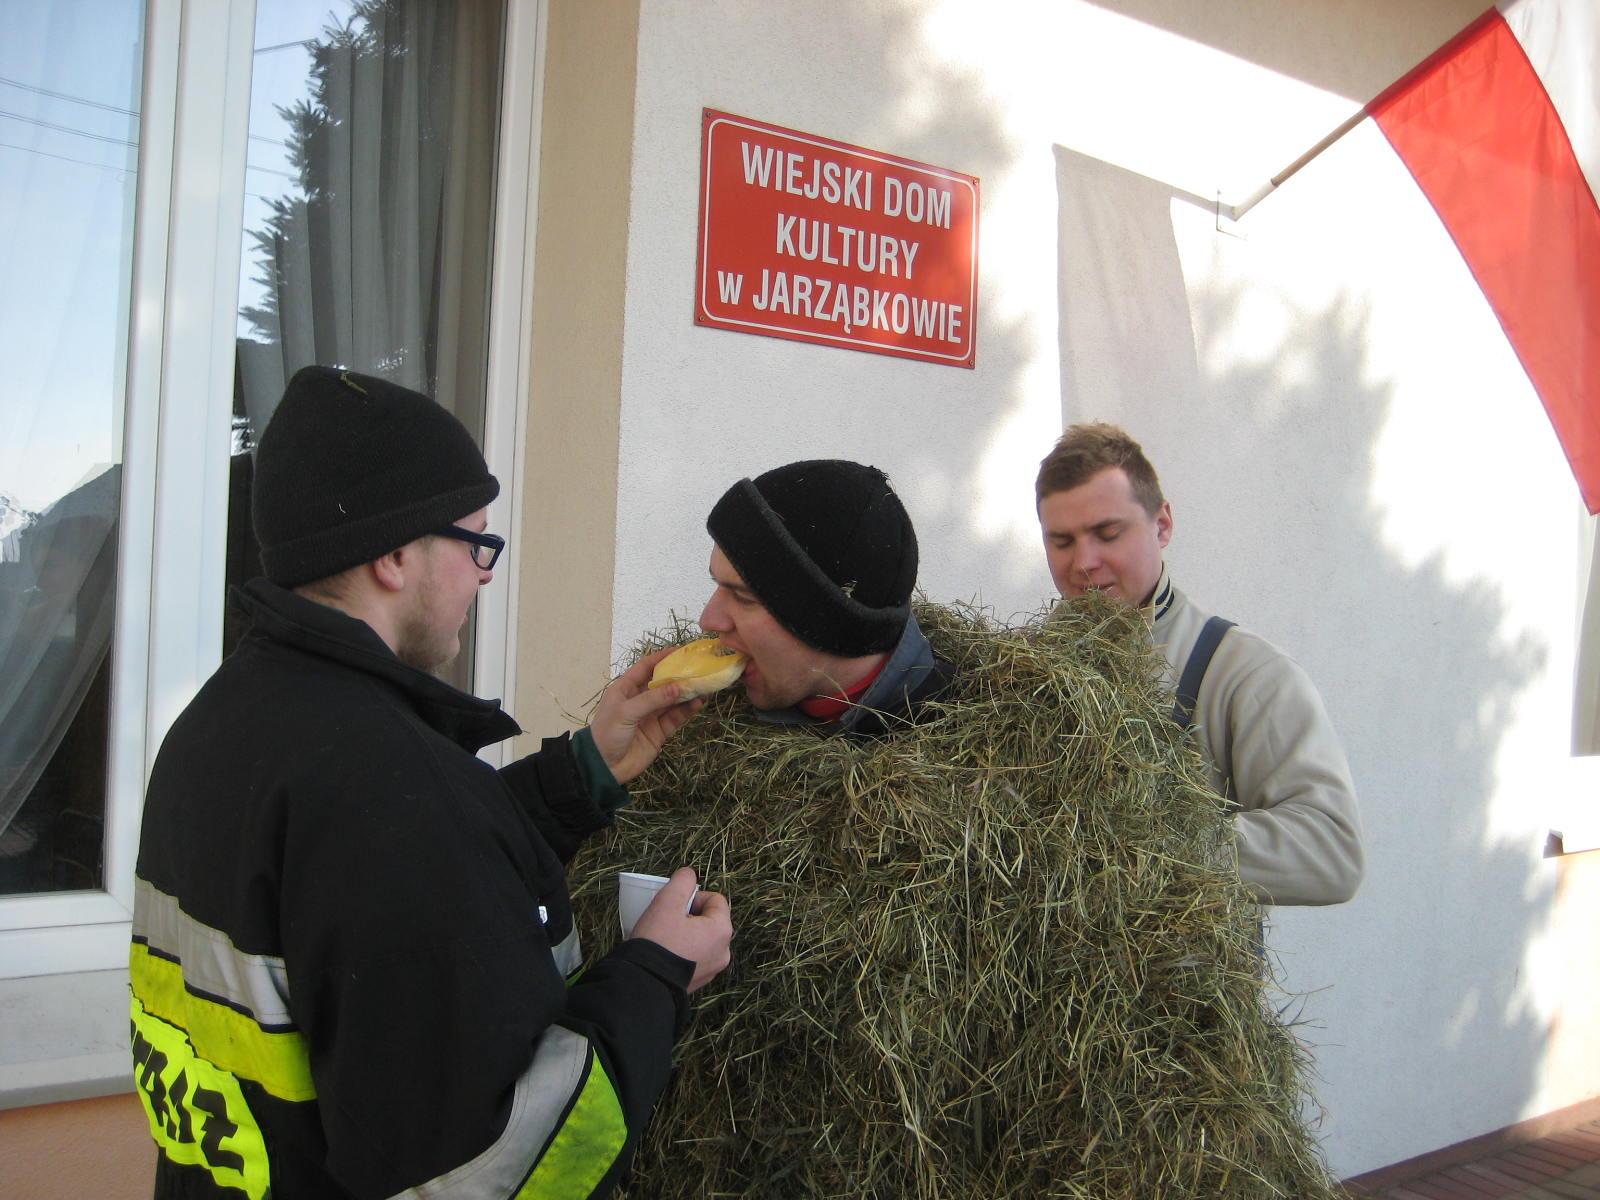 Podkoziołek w Jarząbkowie - Rafał Muniak